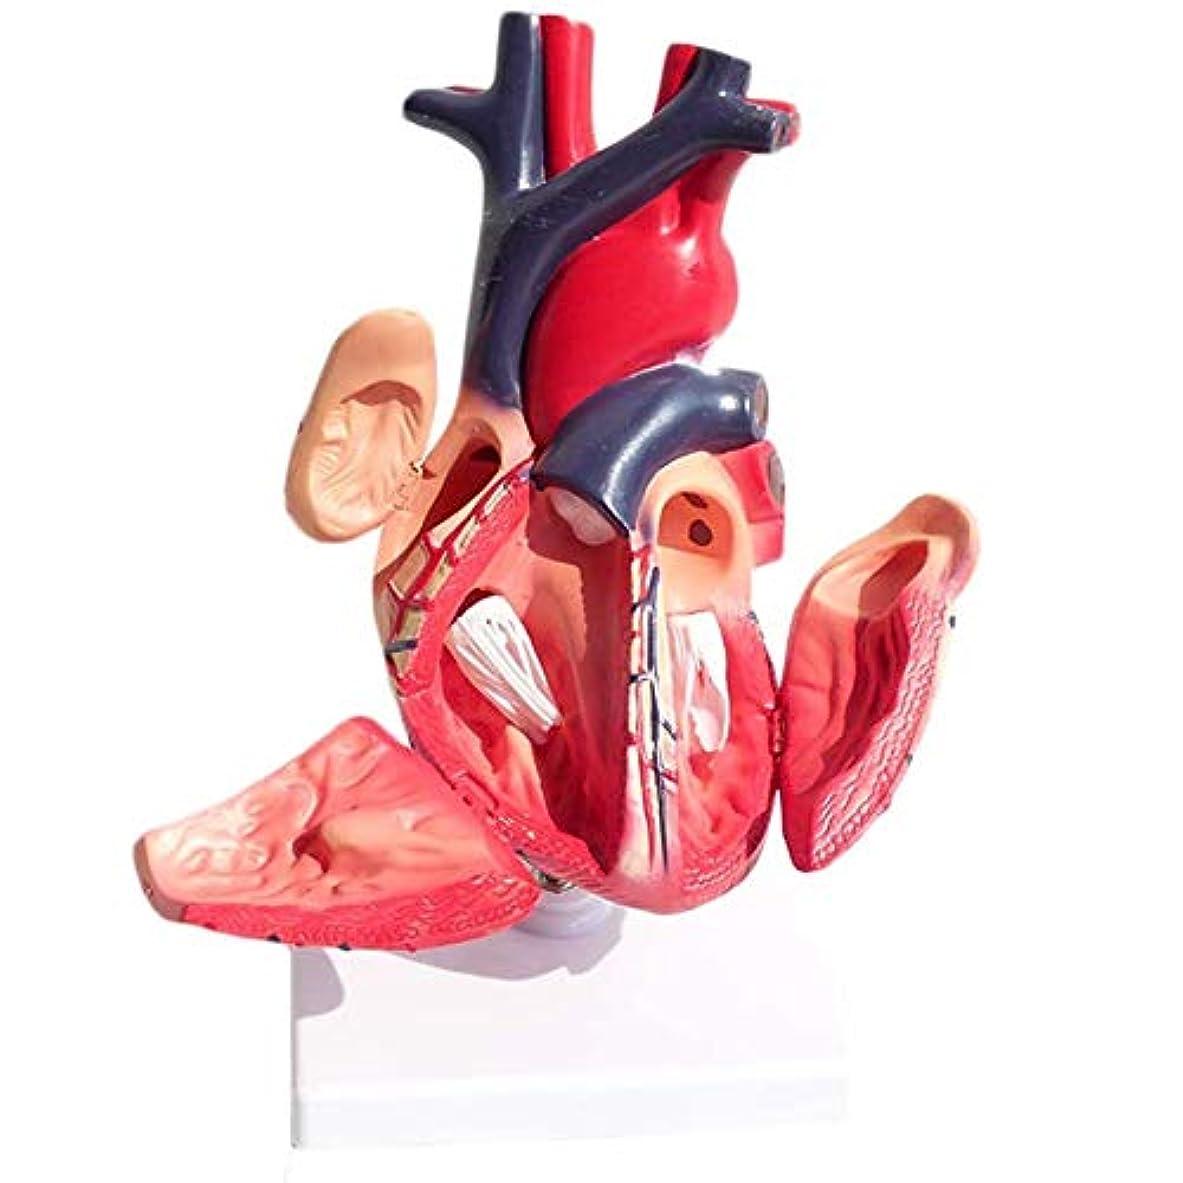 アルカトラズ島水っぽい突然医療解剖色のハートのモデル、内臓解剖心臓標本、医療循環器系内部教育モデル